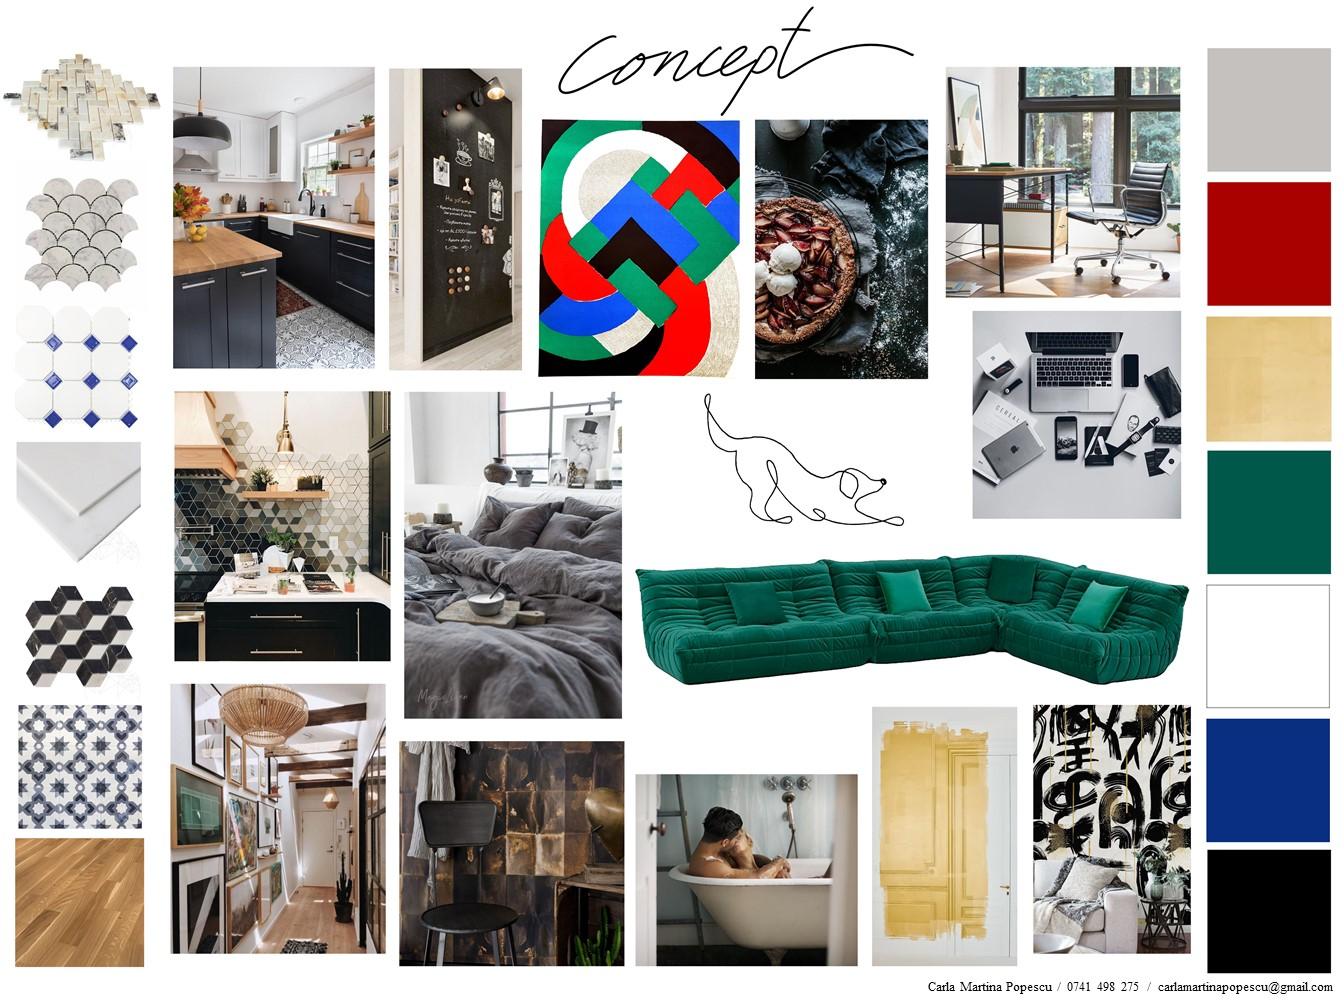 Amenajează-ți apartamentul cu sugestiile de design interior ale cursanților DallesGO